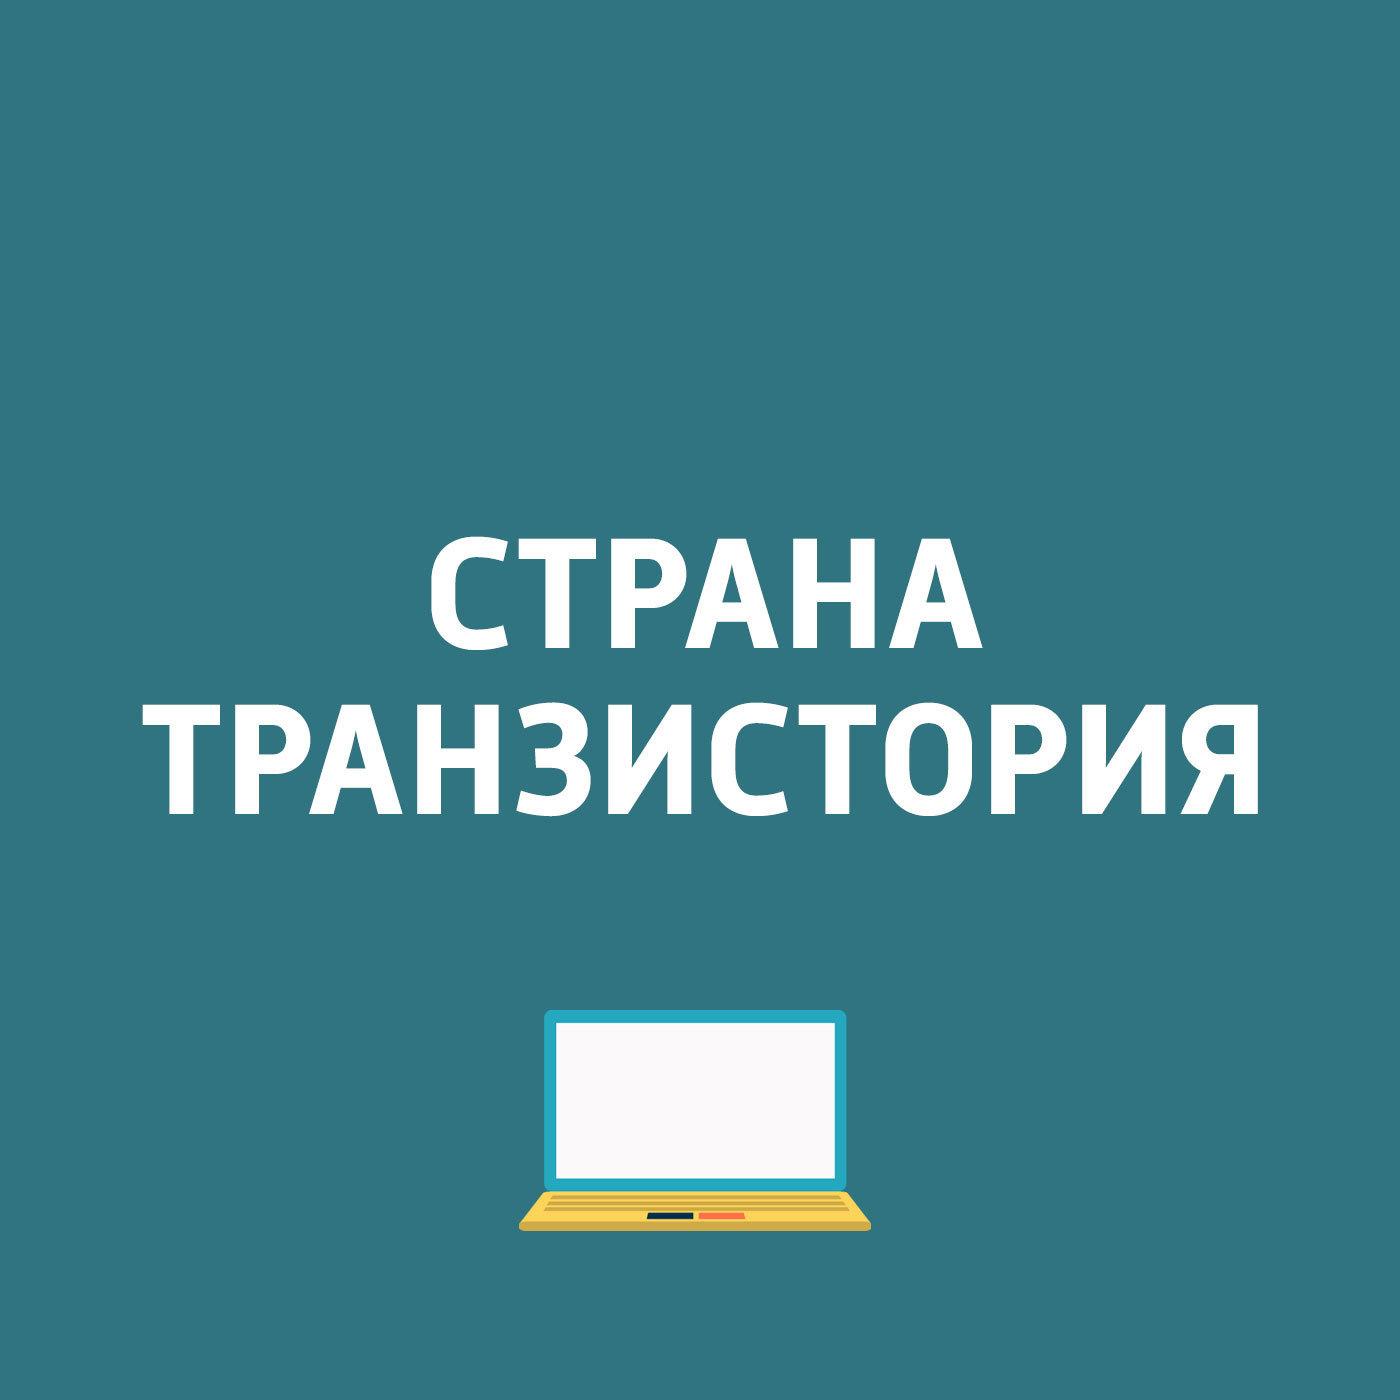 Фото - Картаев Павел Компания Xiaomi обновила конфигурацию ноутбука Mi Notebook с экраном 15,6-дюйма mail ru group объявила о запуске нового мессенджера tamtam